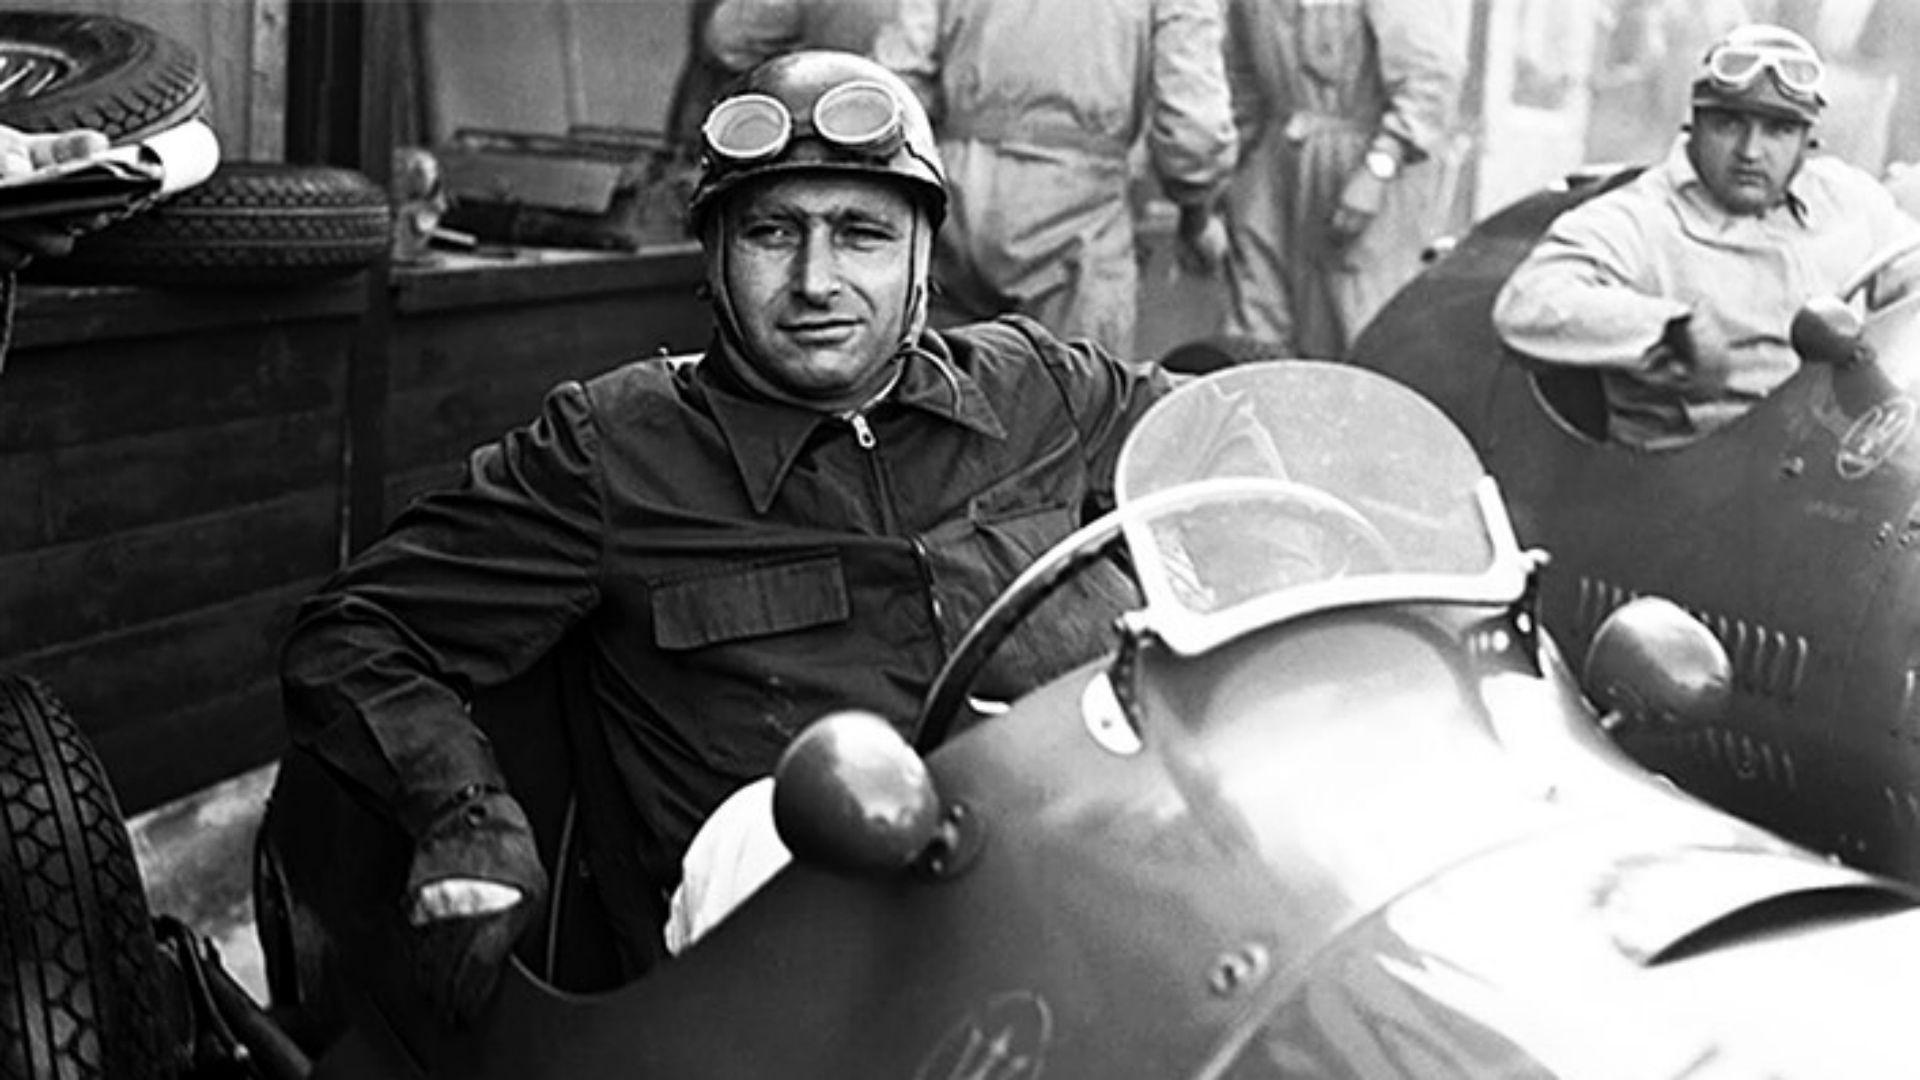 Un 24 de junio de 1911 nacía el quíntuple campeón de Fórmula 1, Juan Manuel Fangio